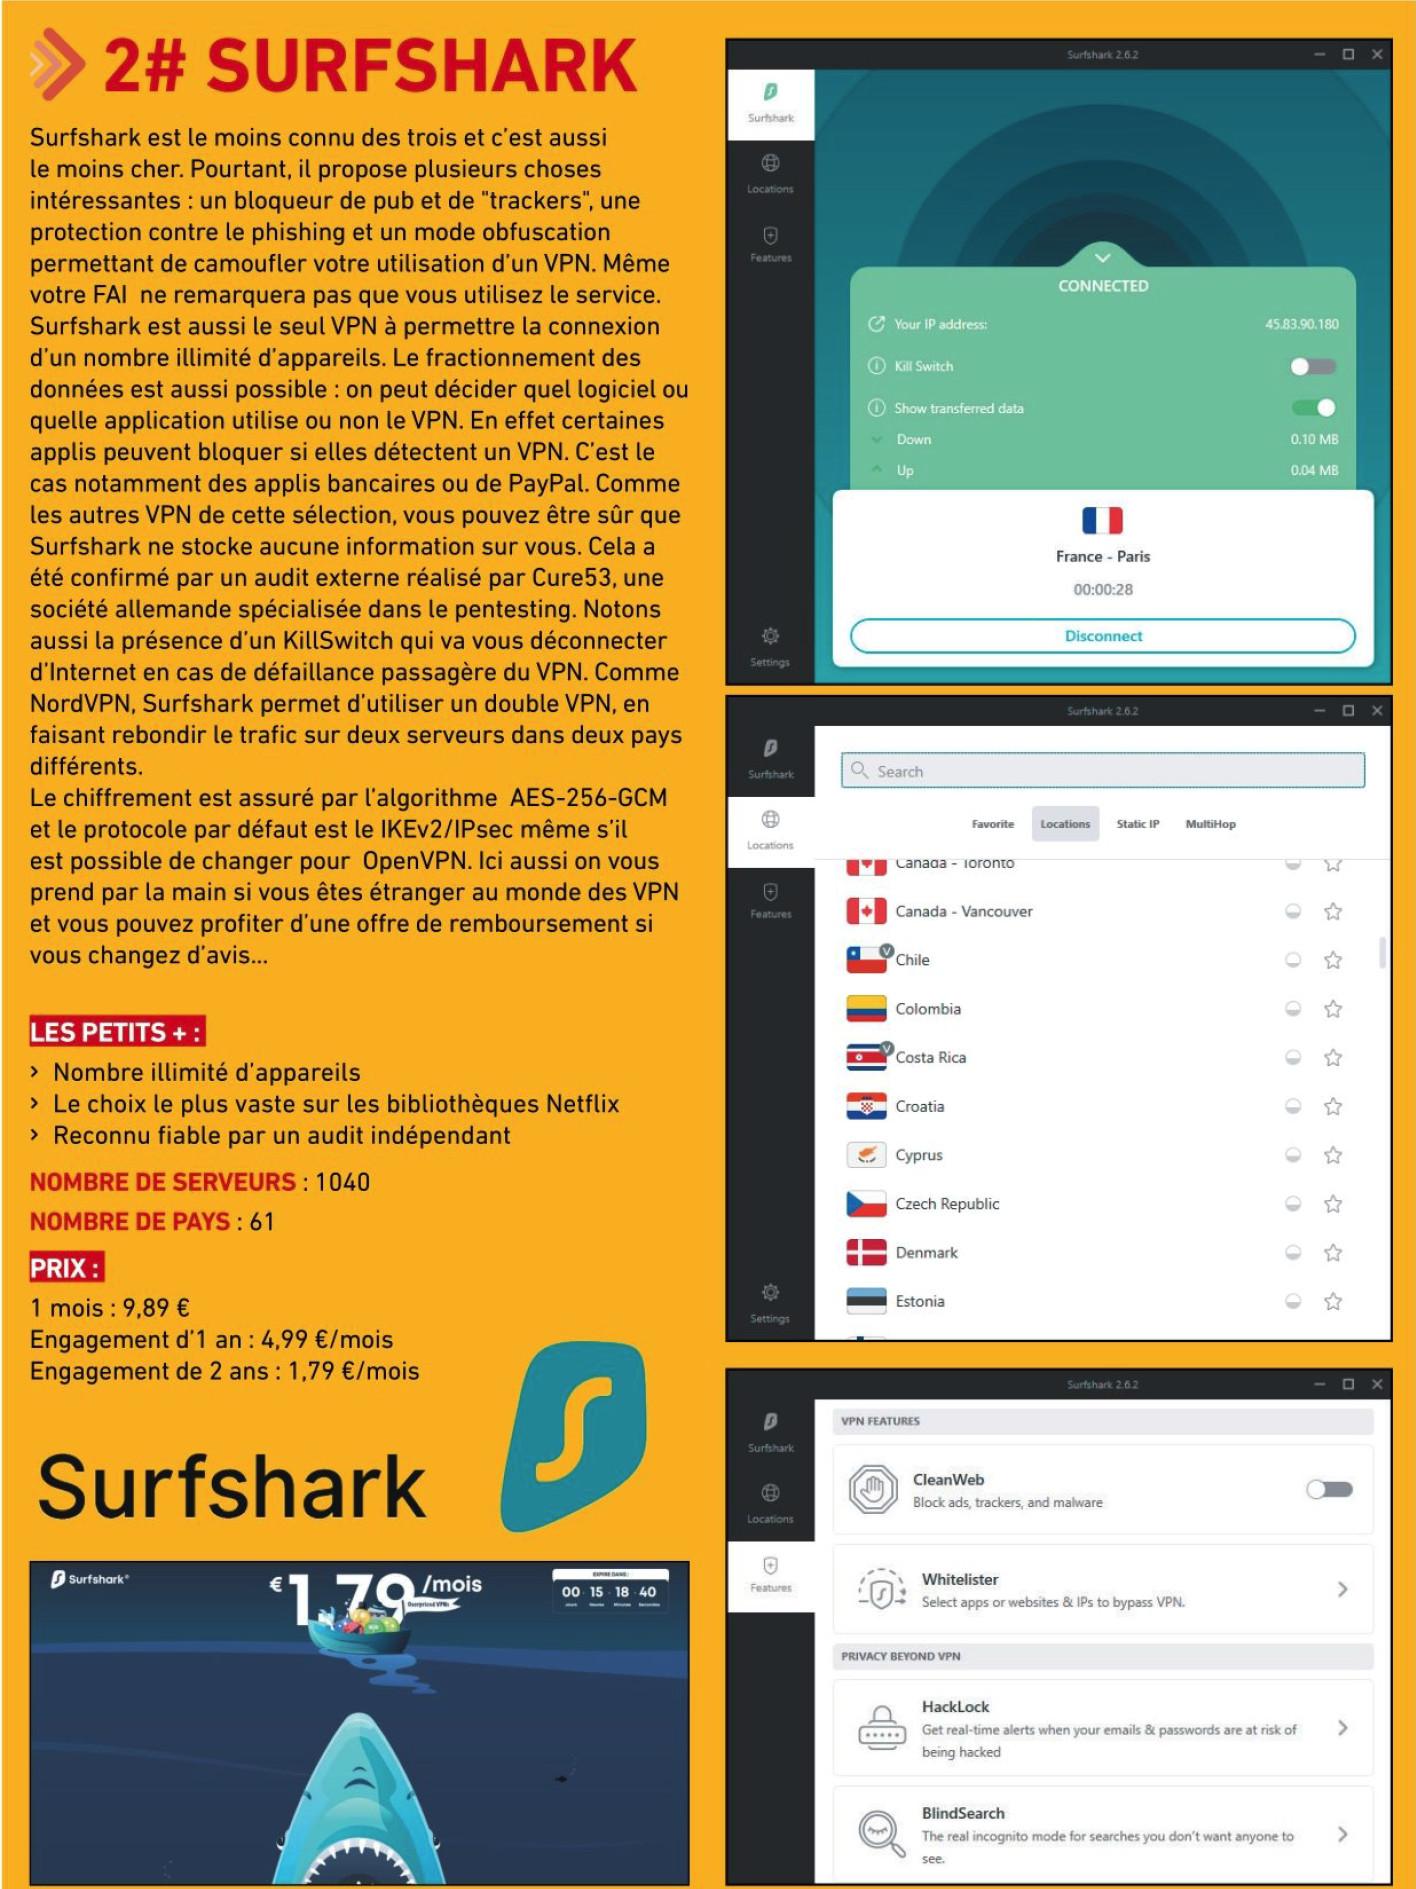 SURSHARK LE NUMERO 1 DE TOUS LES VPN